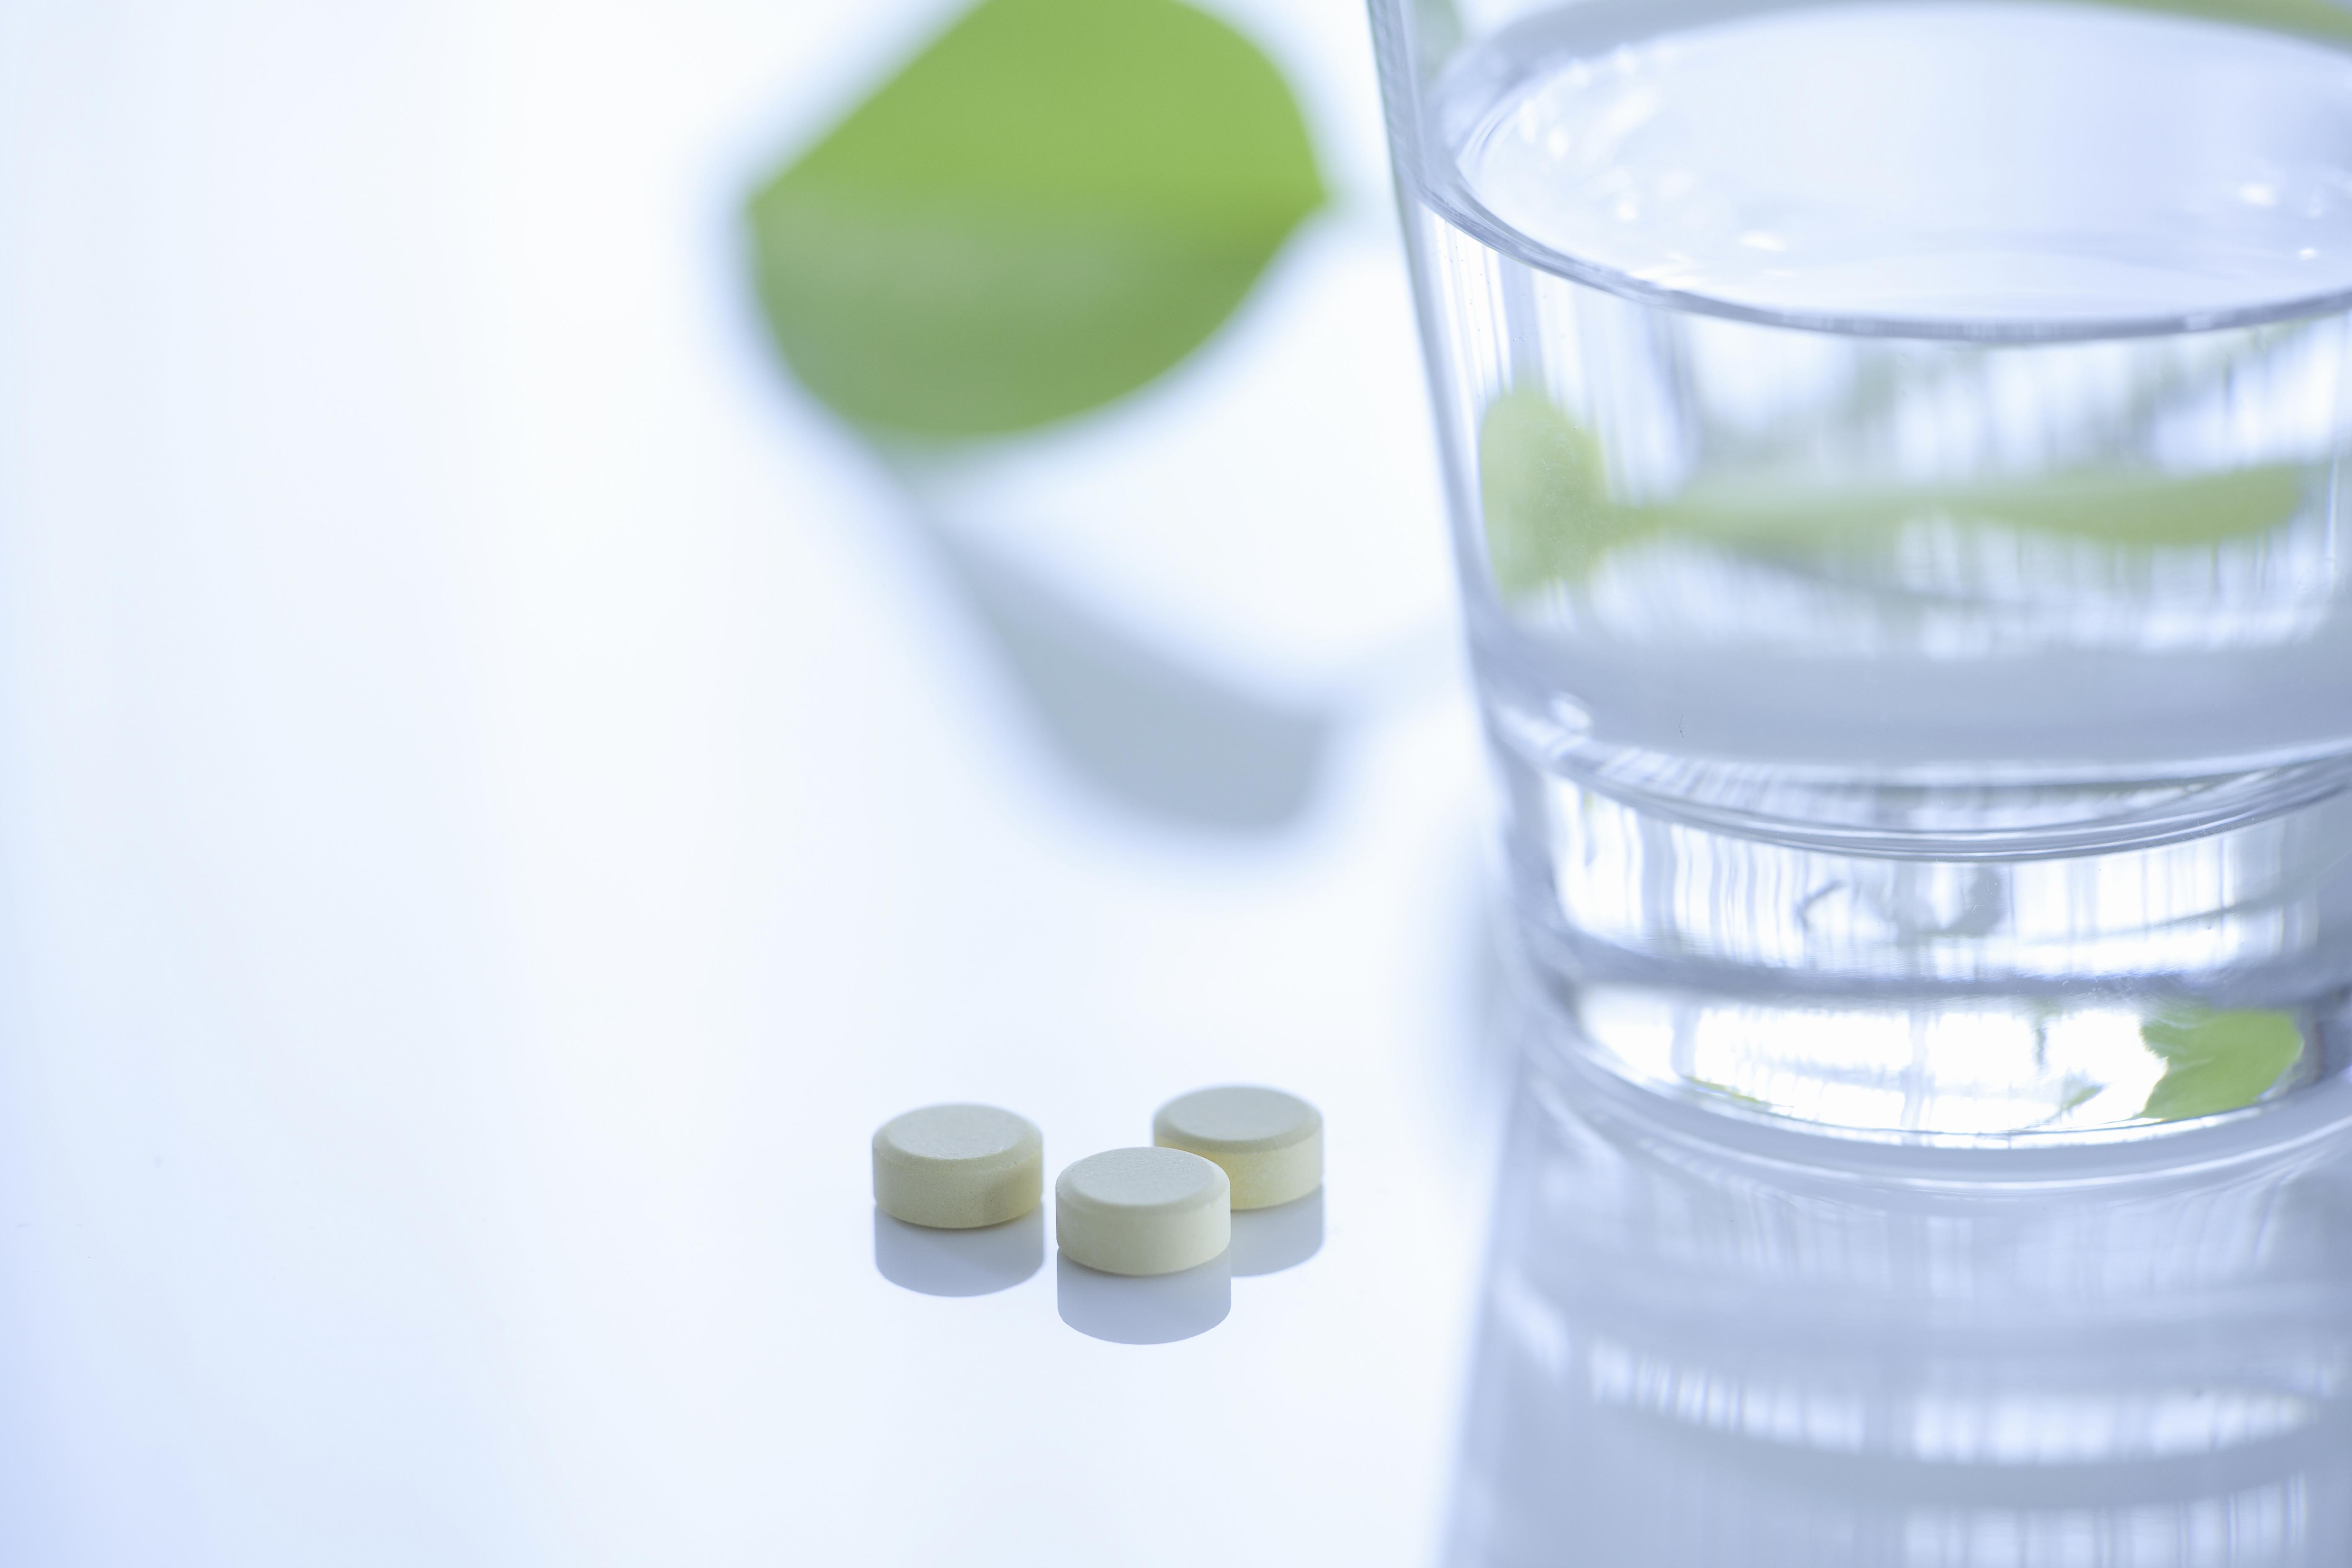 健康に必要とされる栄養素とその分量